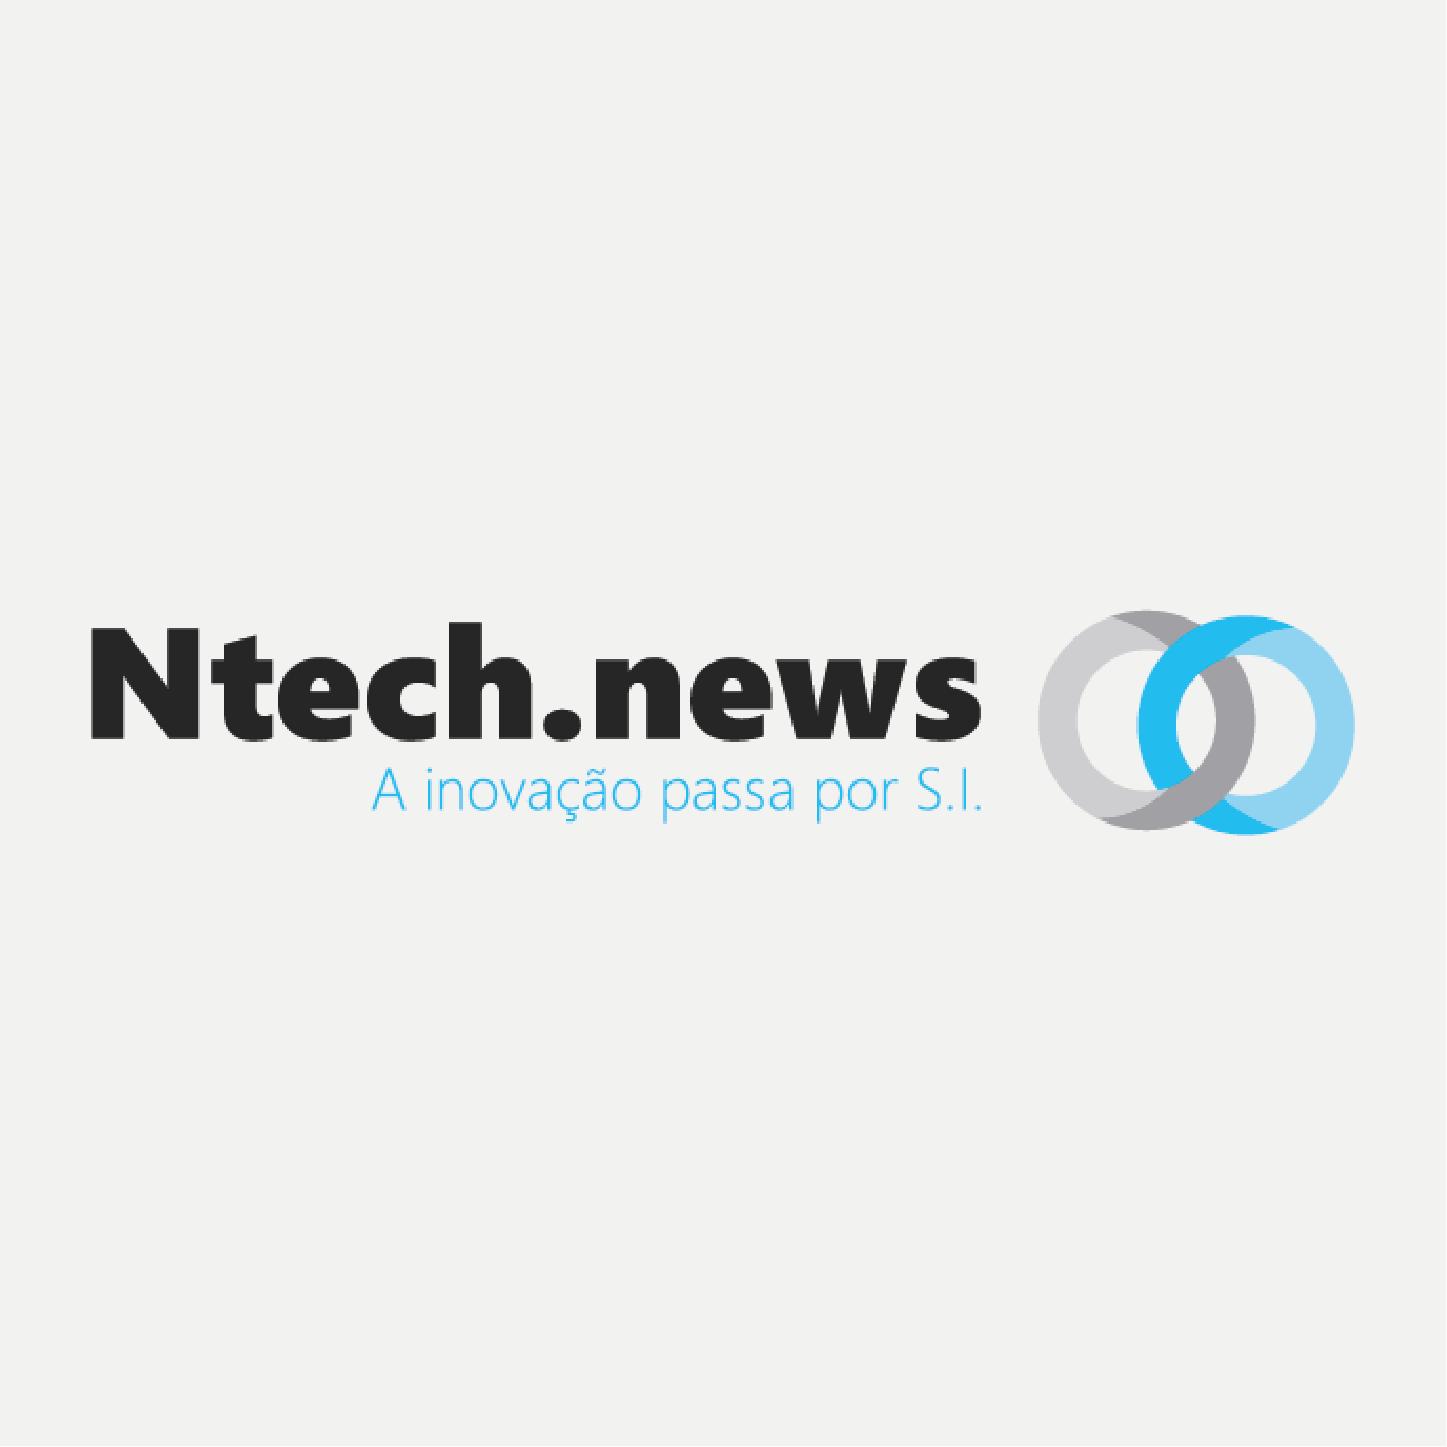 NtechNews